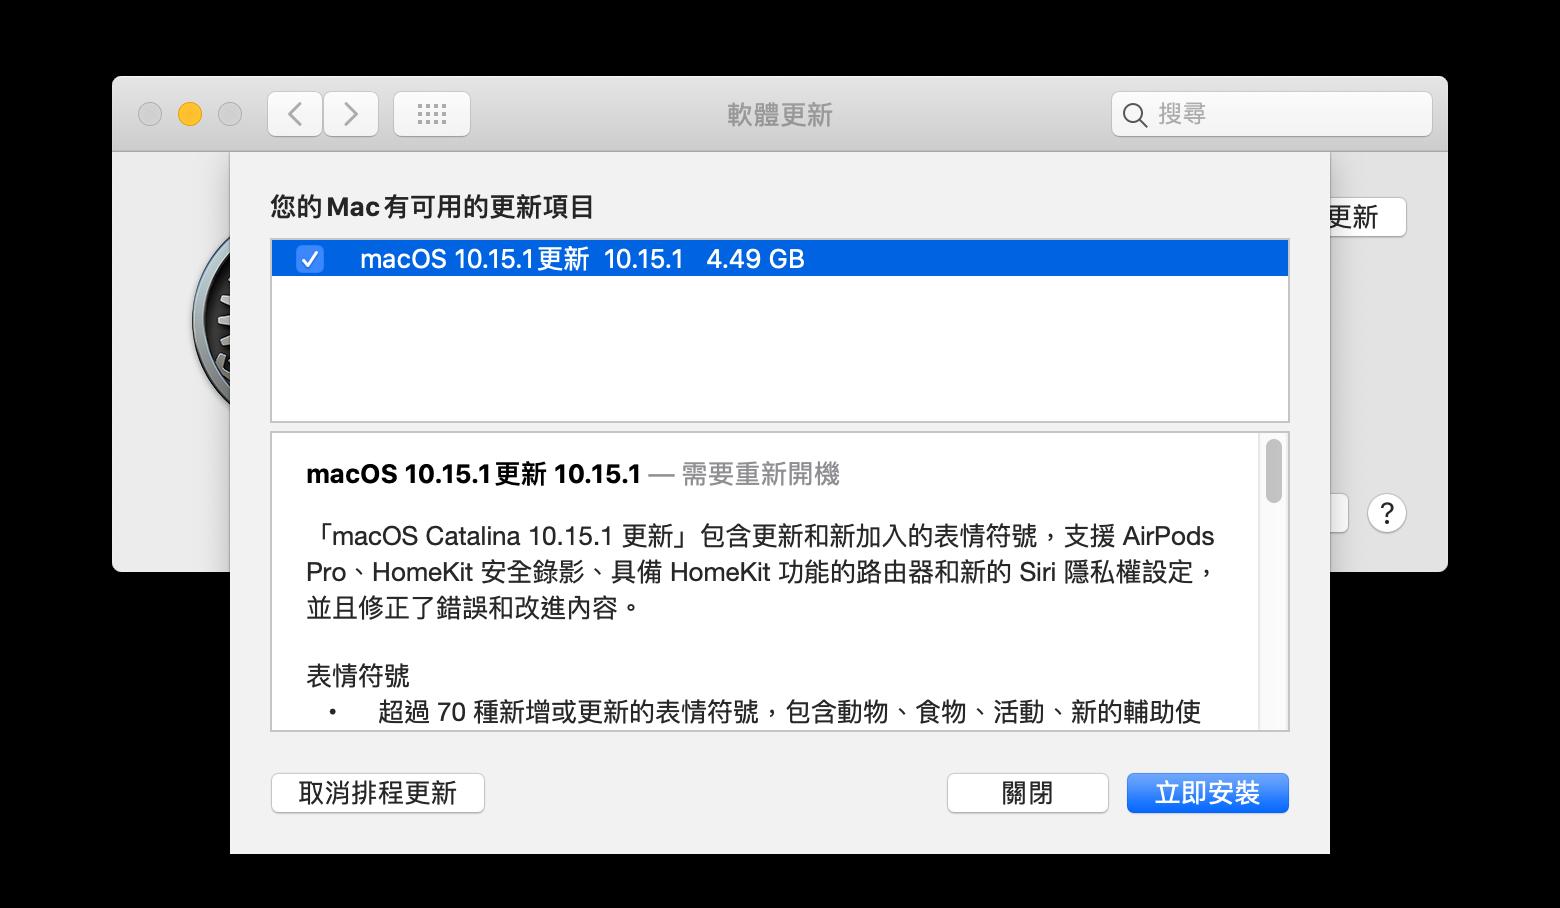 macOS 15.1 更新